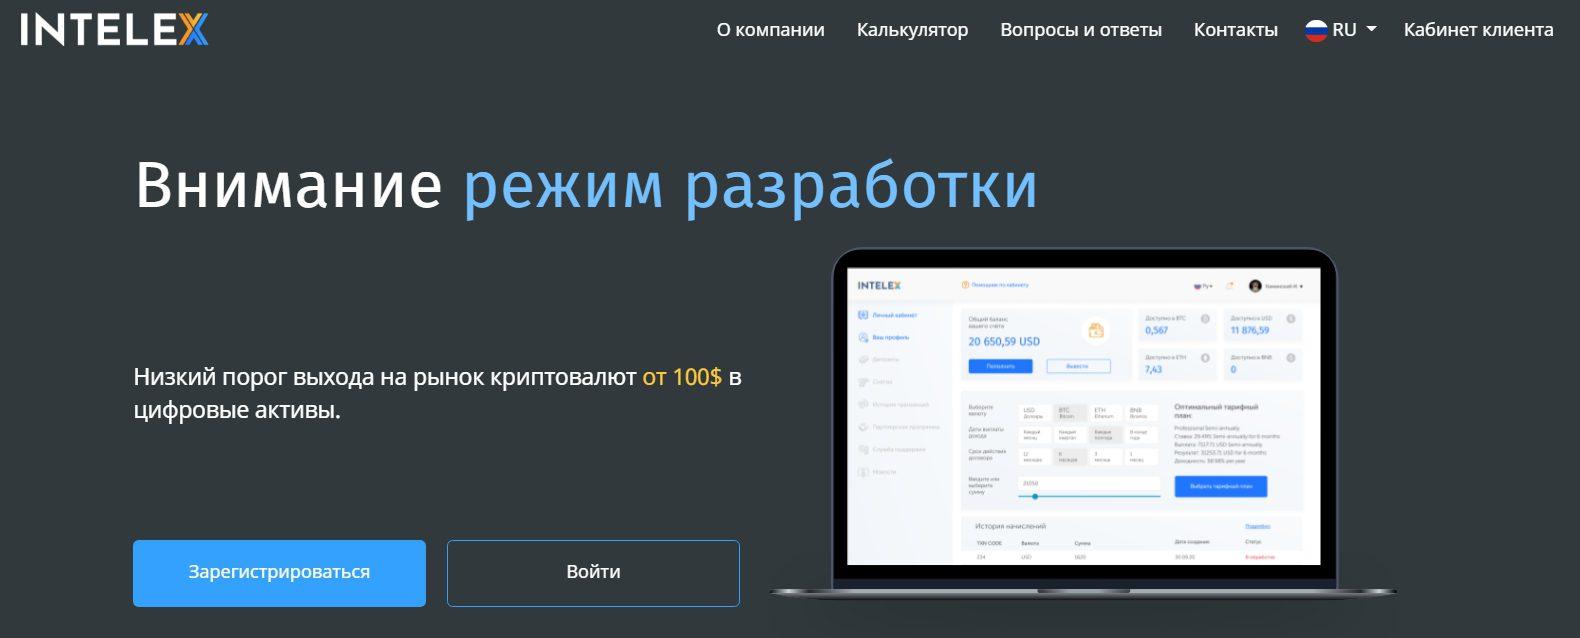 Международная инвестиционная платформа Intelex